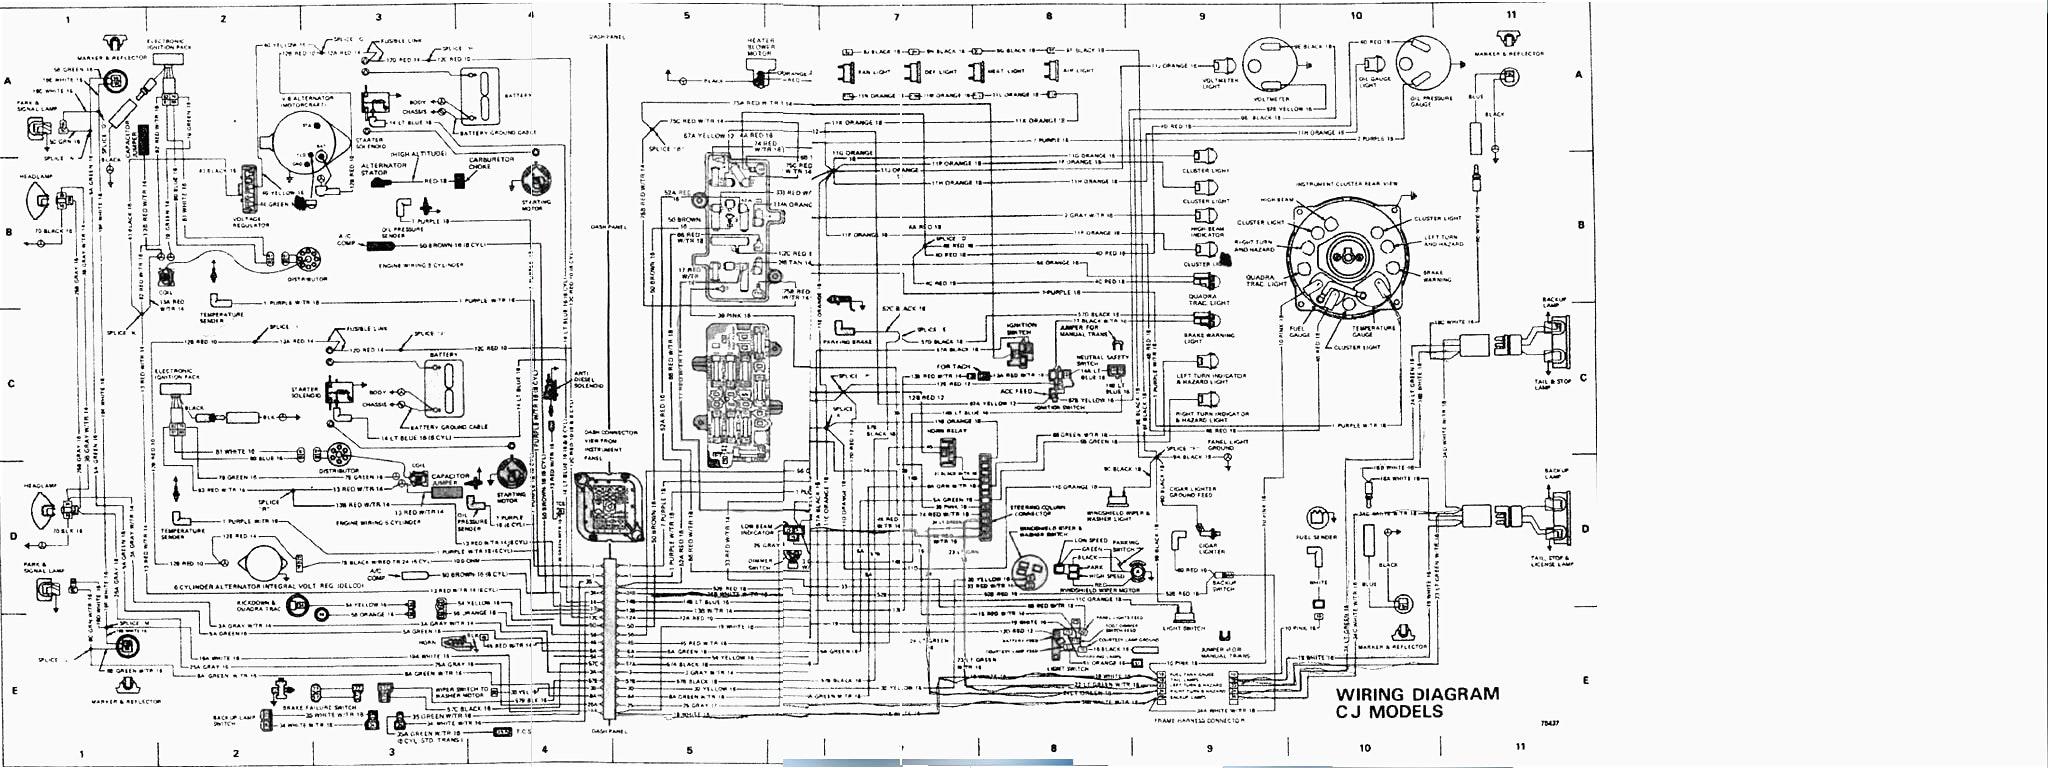 1990 jeep wrangler wiring harness diagram cj7 wiring harness diagram wiring diagram data  cj7 wiring harness diagram wiring